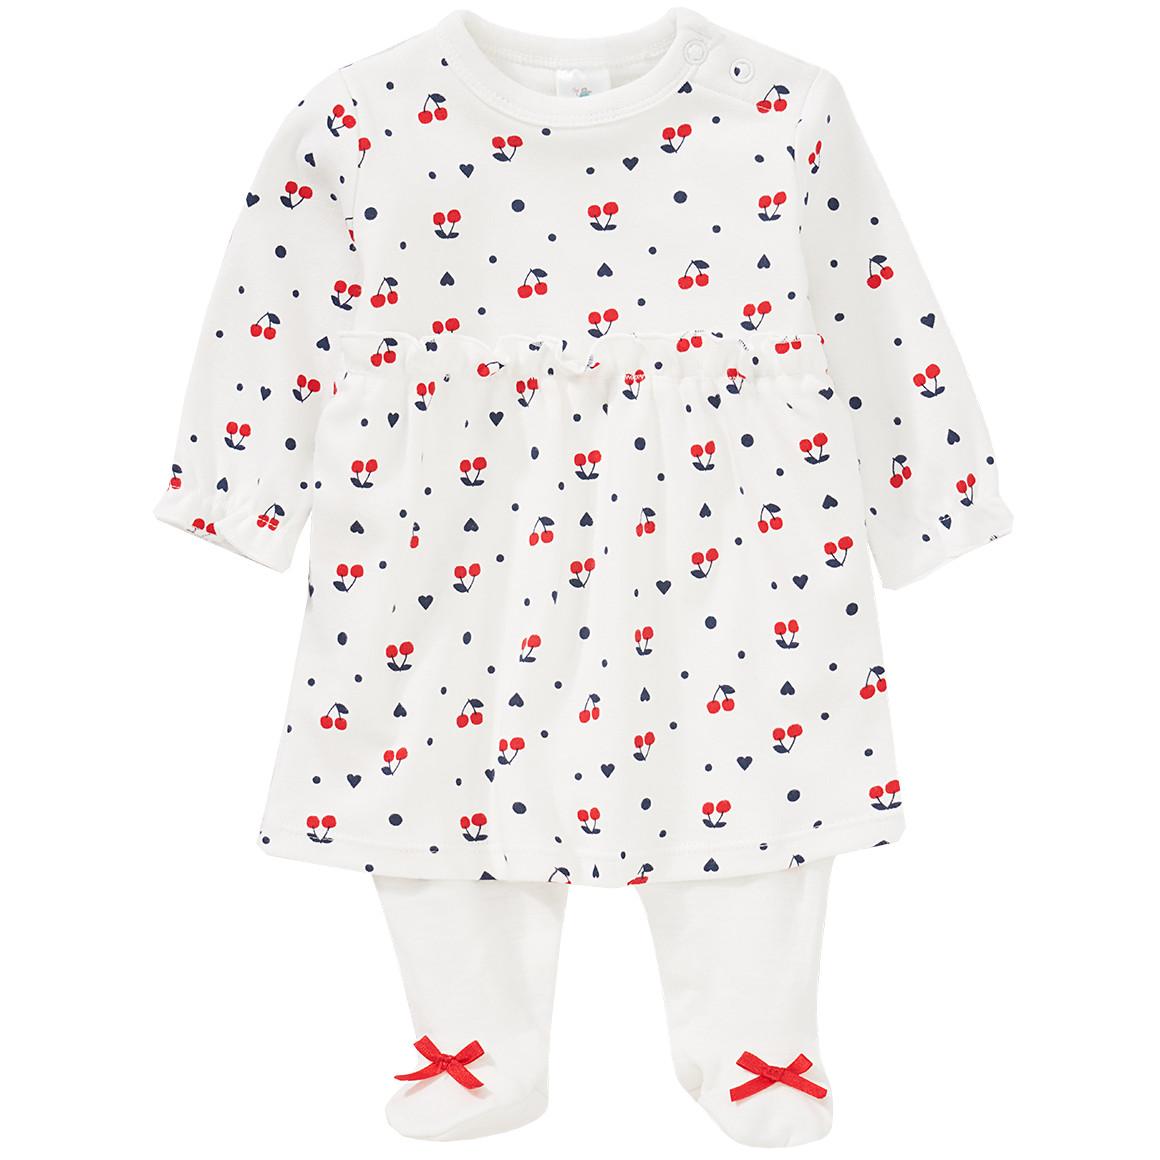 Babystrampler - Newborn Stramplerkleid mit Kirschen allover - Onlineshop Ernstings family